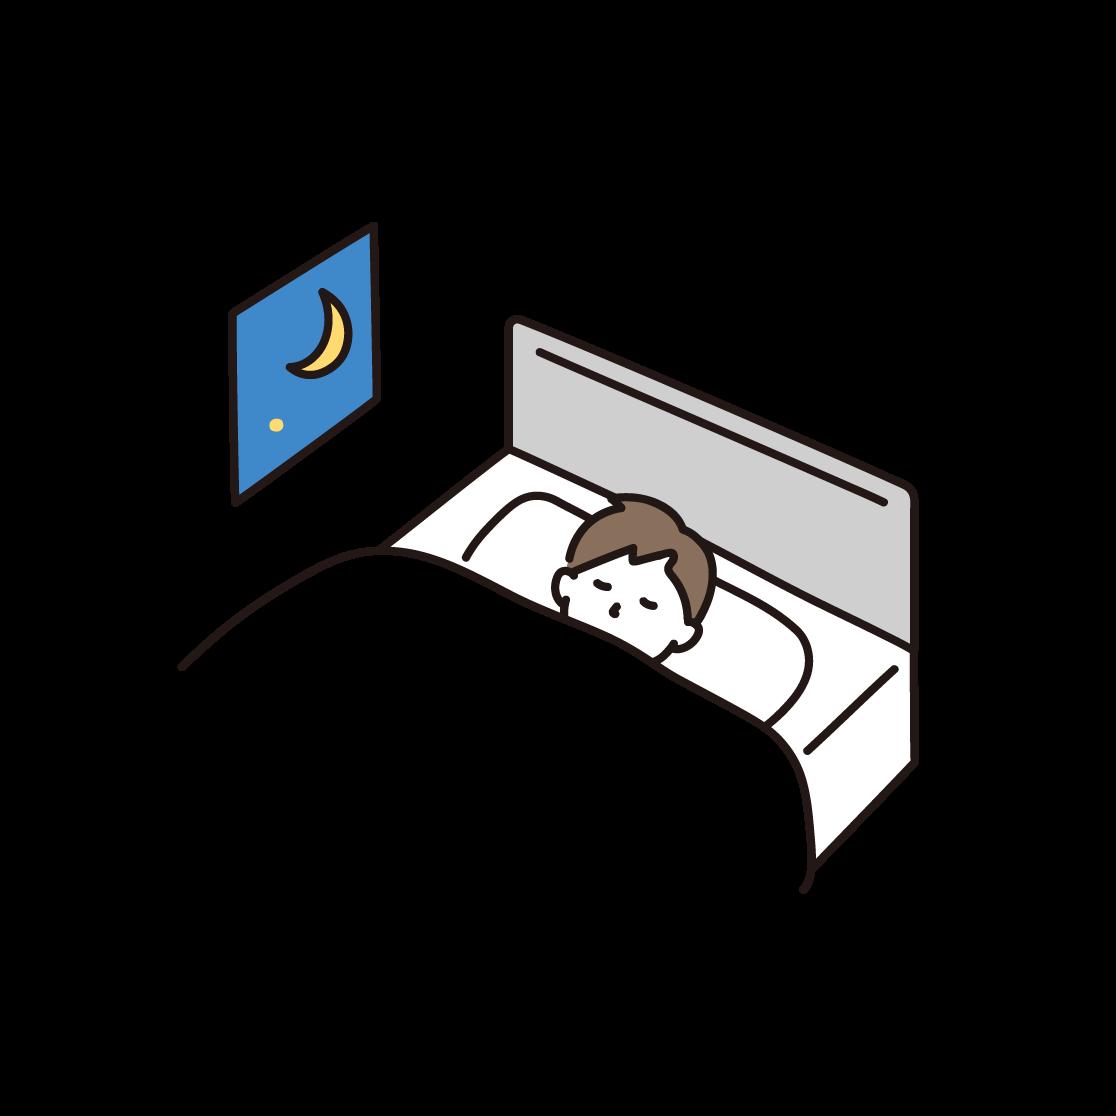 寝ている男性のイラスト